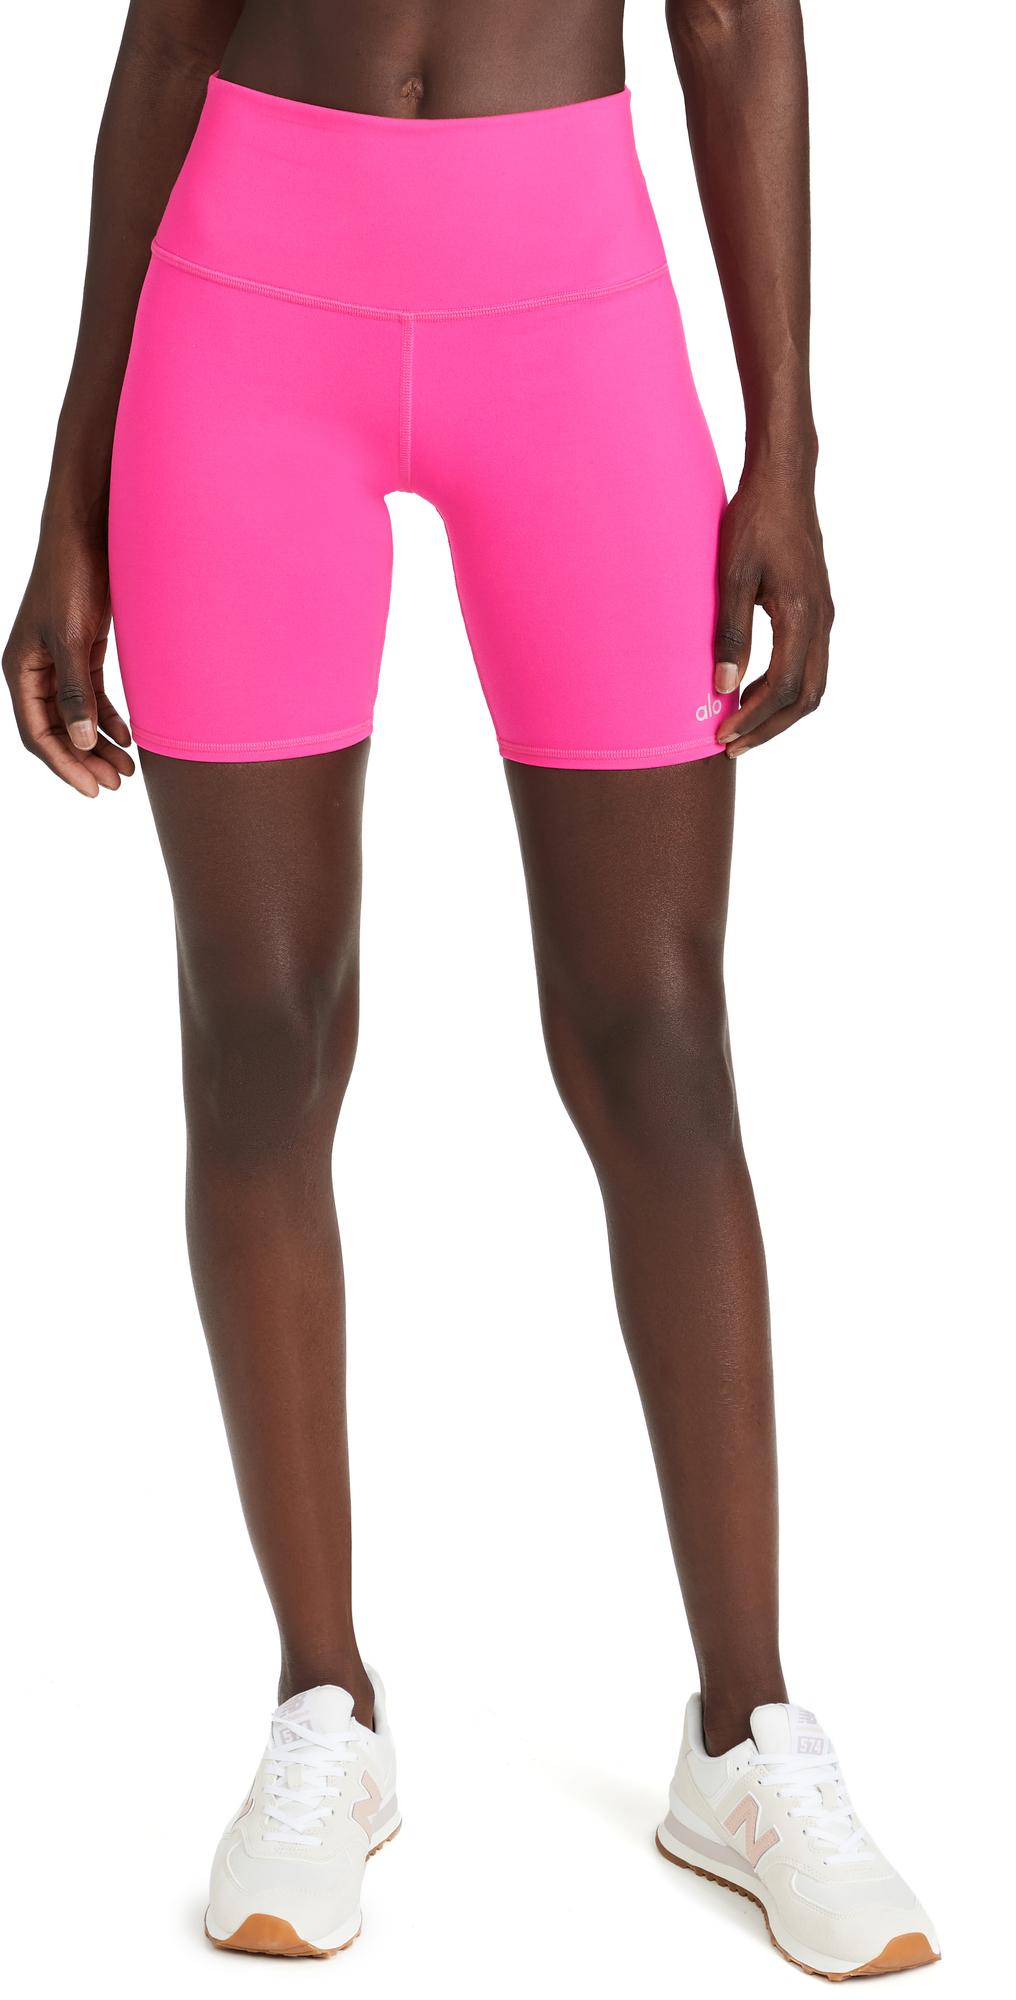 Alo Yoga High Waist Biker Shorts